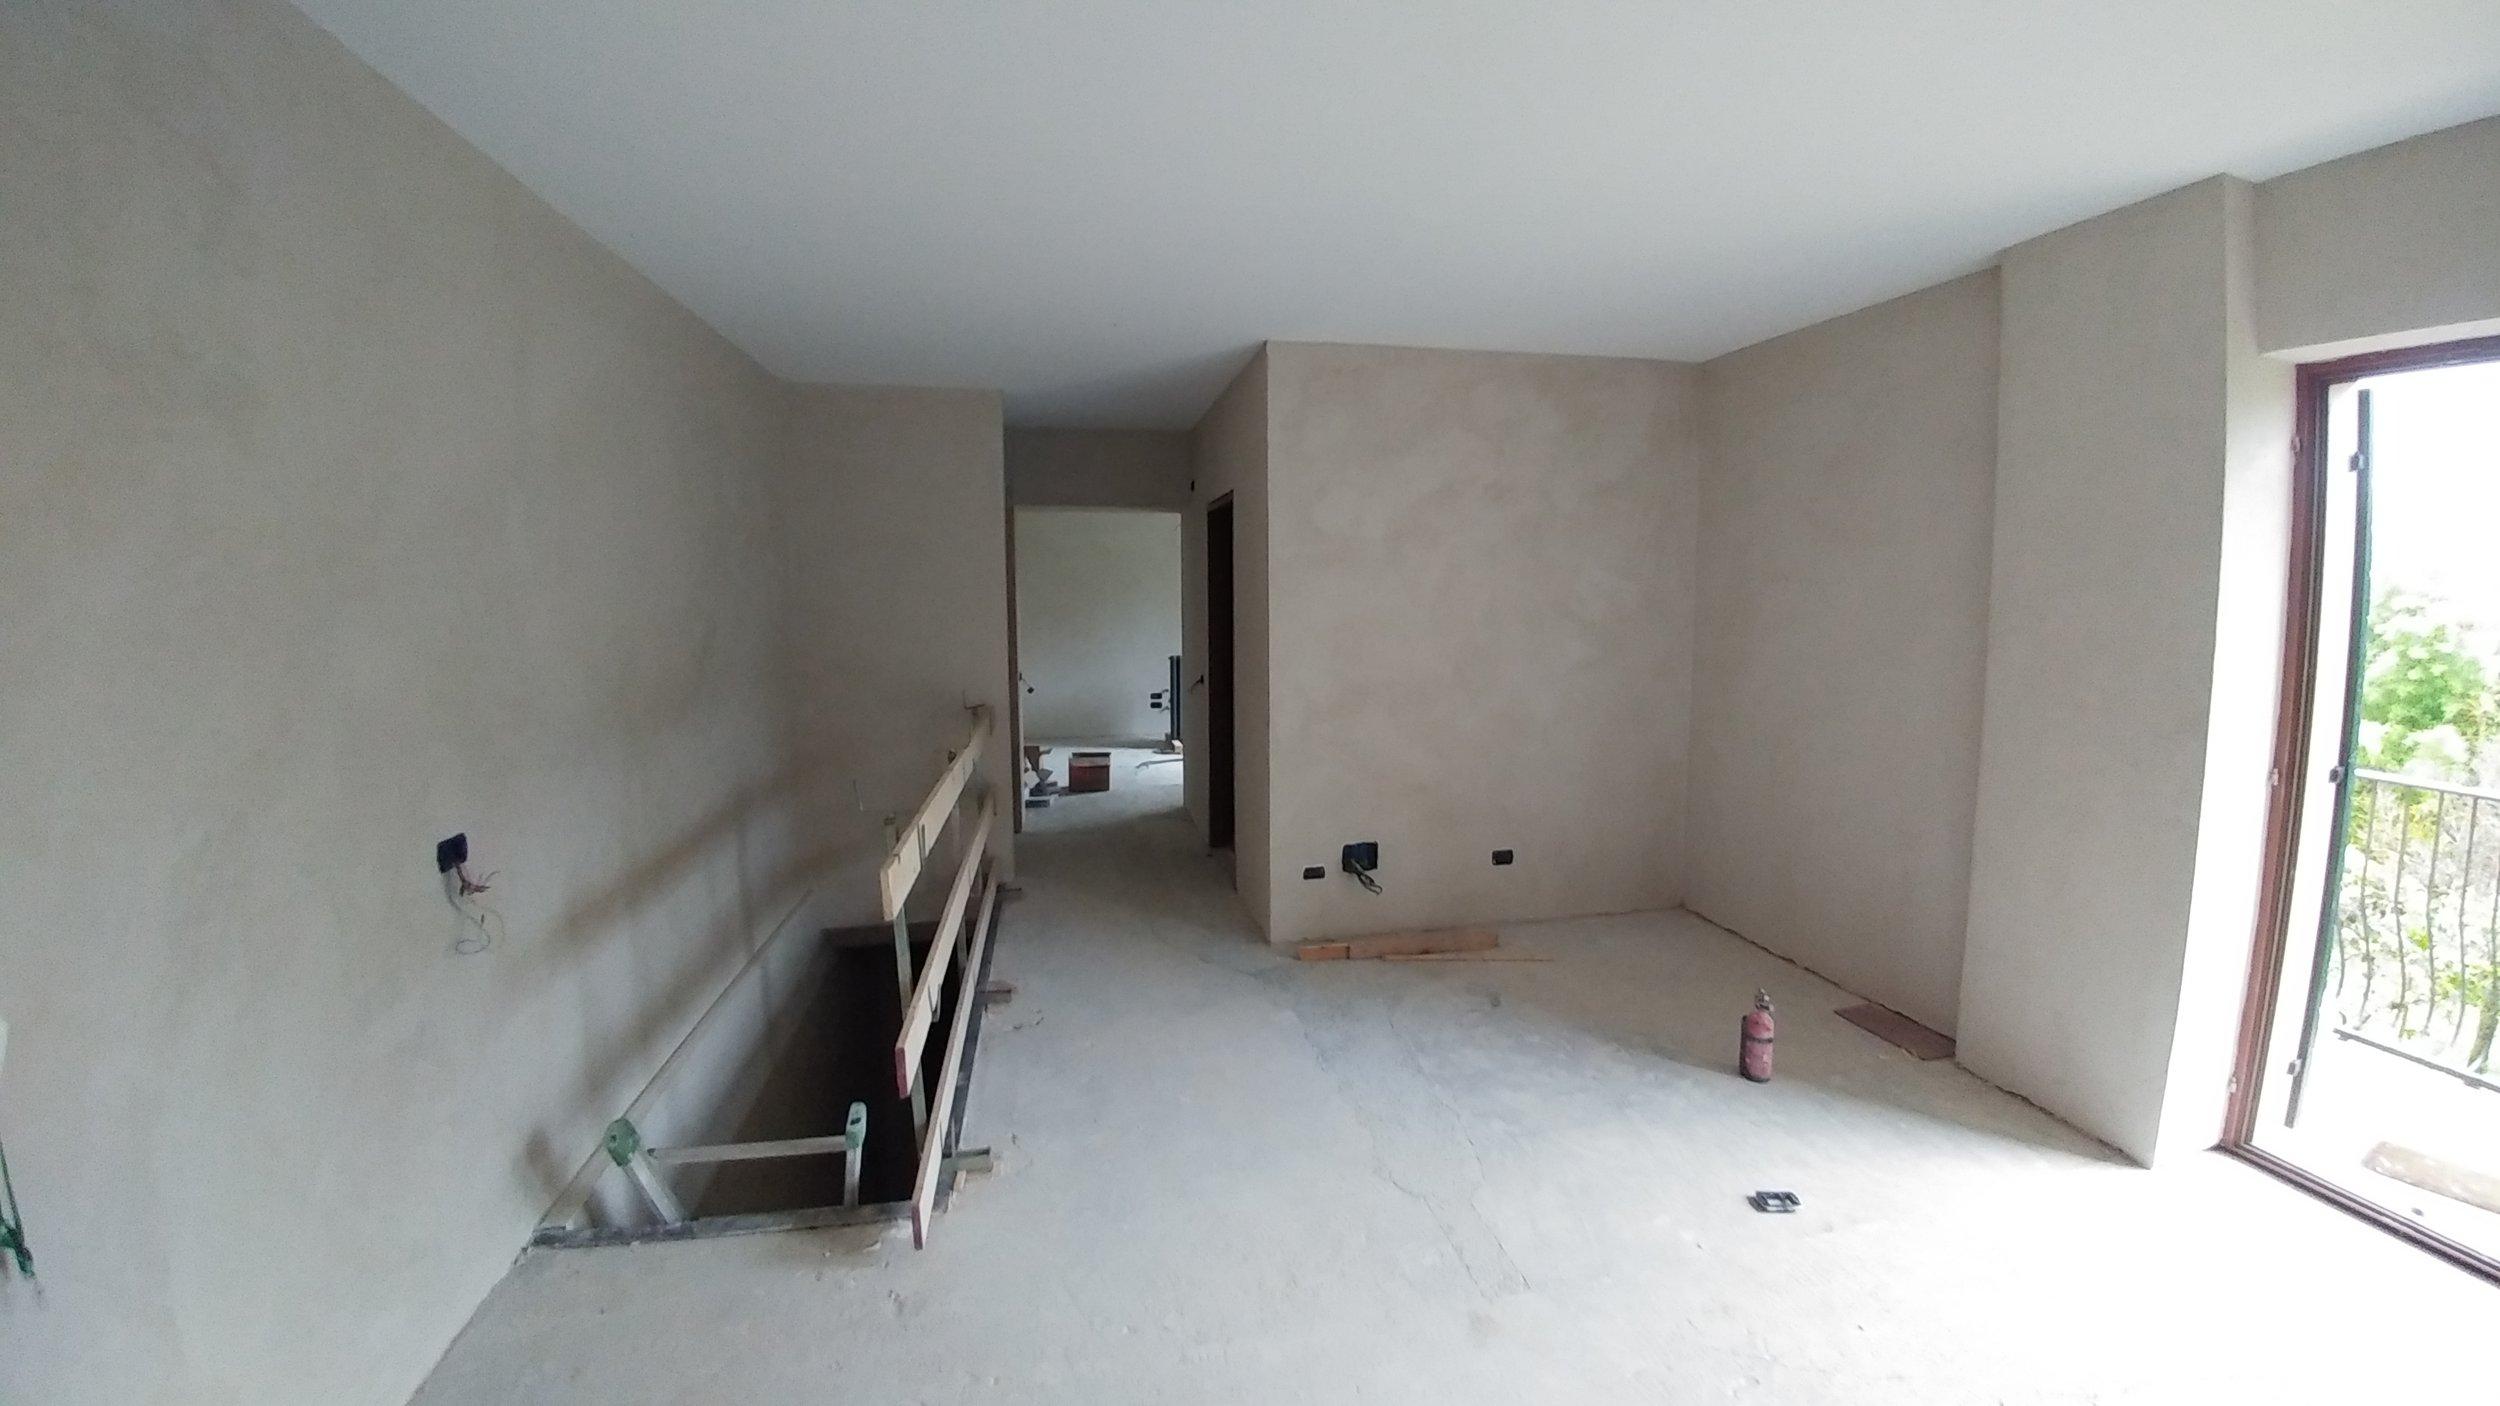 Il soggiorno con intonaco di calce